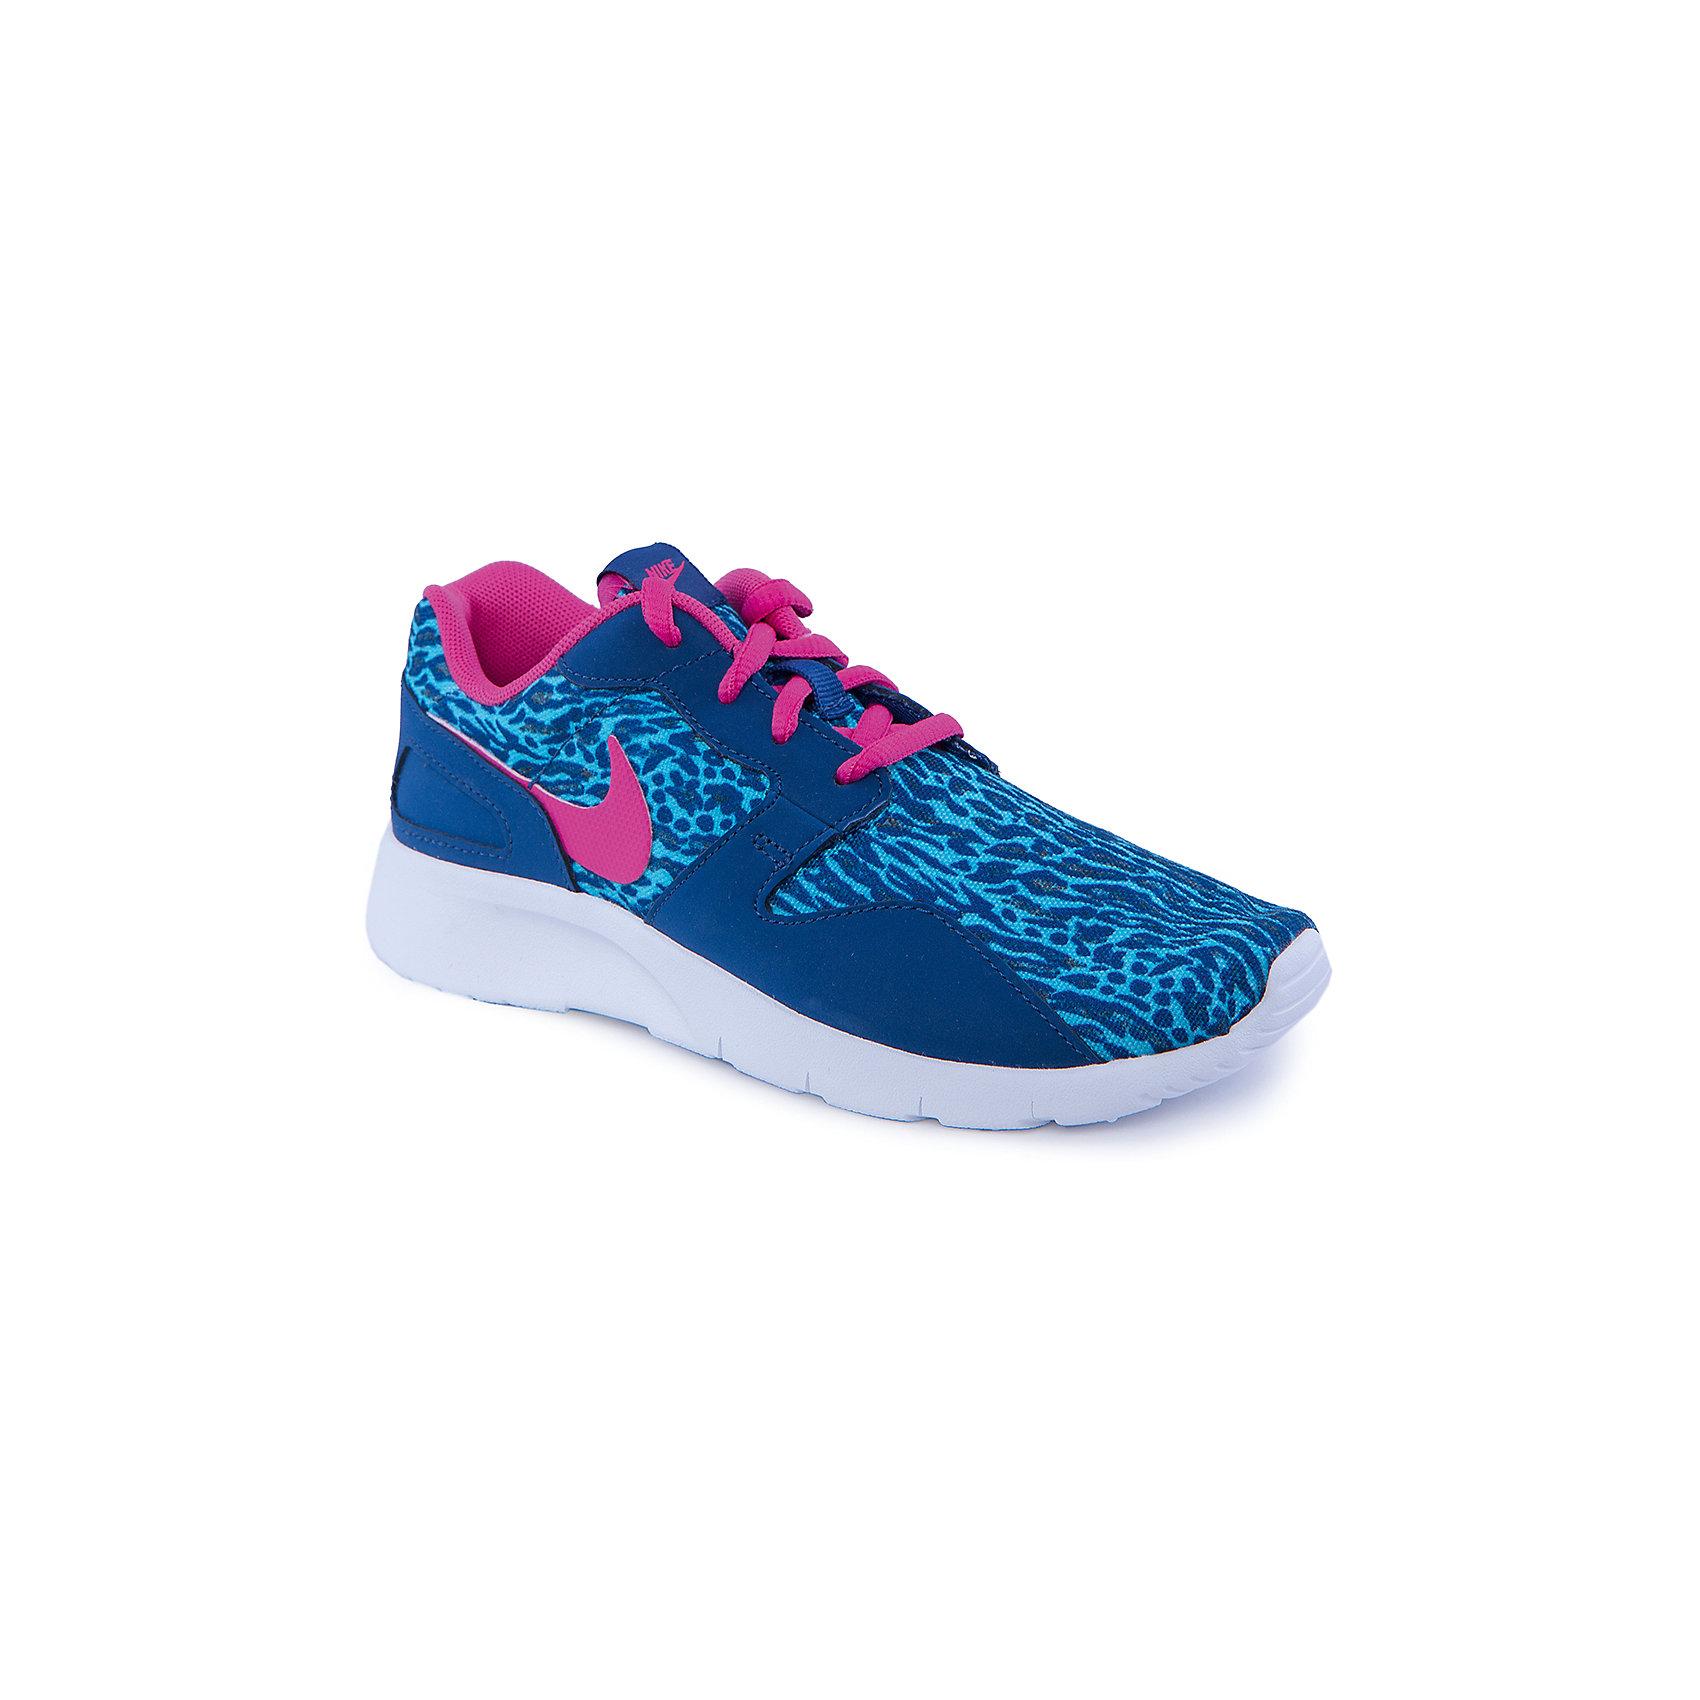 Кроссовки для девочки NIKE KAISHI PRINT (GS) NIKEОблегченные кроссовки Nike Kaishi сочетают дизайн серии Roshe Run и технологиии Air Flow. Верх выполнен из натуральной кожи с вставками из воздухопроницаемого материала.  Амортизирующая  подошва с вафельным протектором обеспечивает надежное сцеплене с поверхностью.<br><br>Дополнительная информация:<br><br>Материал:<br>верх: натуральная кожа 51%, синтетическая кожа 5%, текстиль 44%<br>внутри: текстиль 100%<br>подошва: пластик 100%<br><br>Кроссовки для девочки NIKE KAISHI PRINT (GS) NIKE (Найк) можно купить в нашем магазине.<br><br>Ширина мм: 250<br>Глубина мм: 150<br>Высота мм: 150<br>Вес г: 250<br>Цвет: разноцветный<br>Возраст от месяцев: 132<br>Возраст до месяцев: 144<br>Пол: Женский<br>Возраст: Детский<br>Размер: 35.5,34.5,35,37,37.5,36.5<br>SKU: 4217479